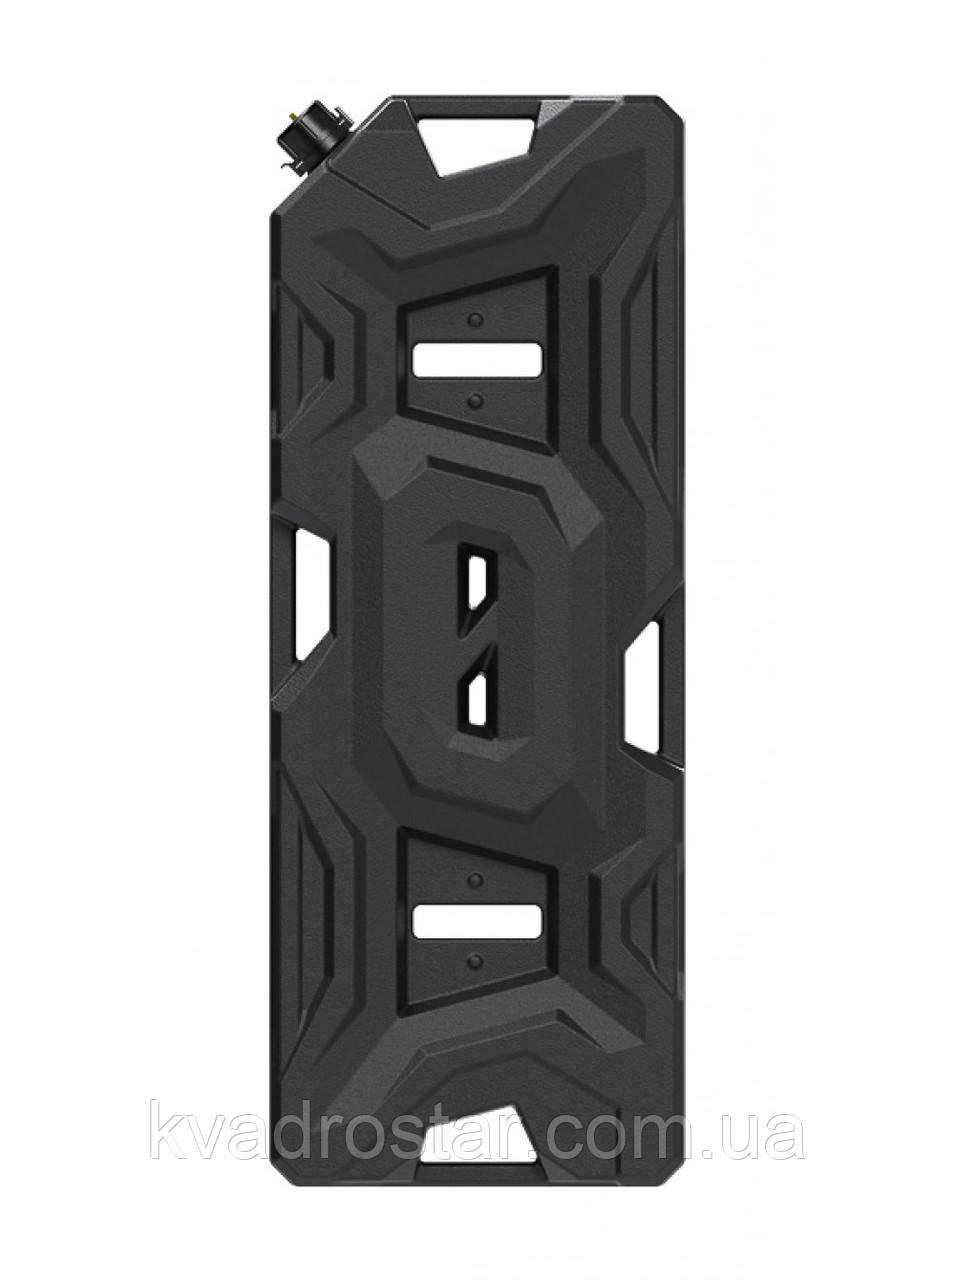 Канистра Tesseract экспедиционная 20л, цвет черный для квадроцикла или внедорожника